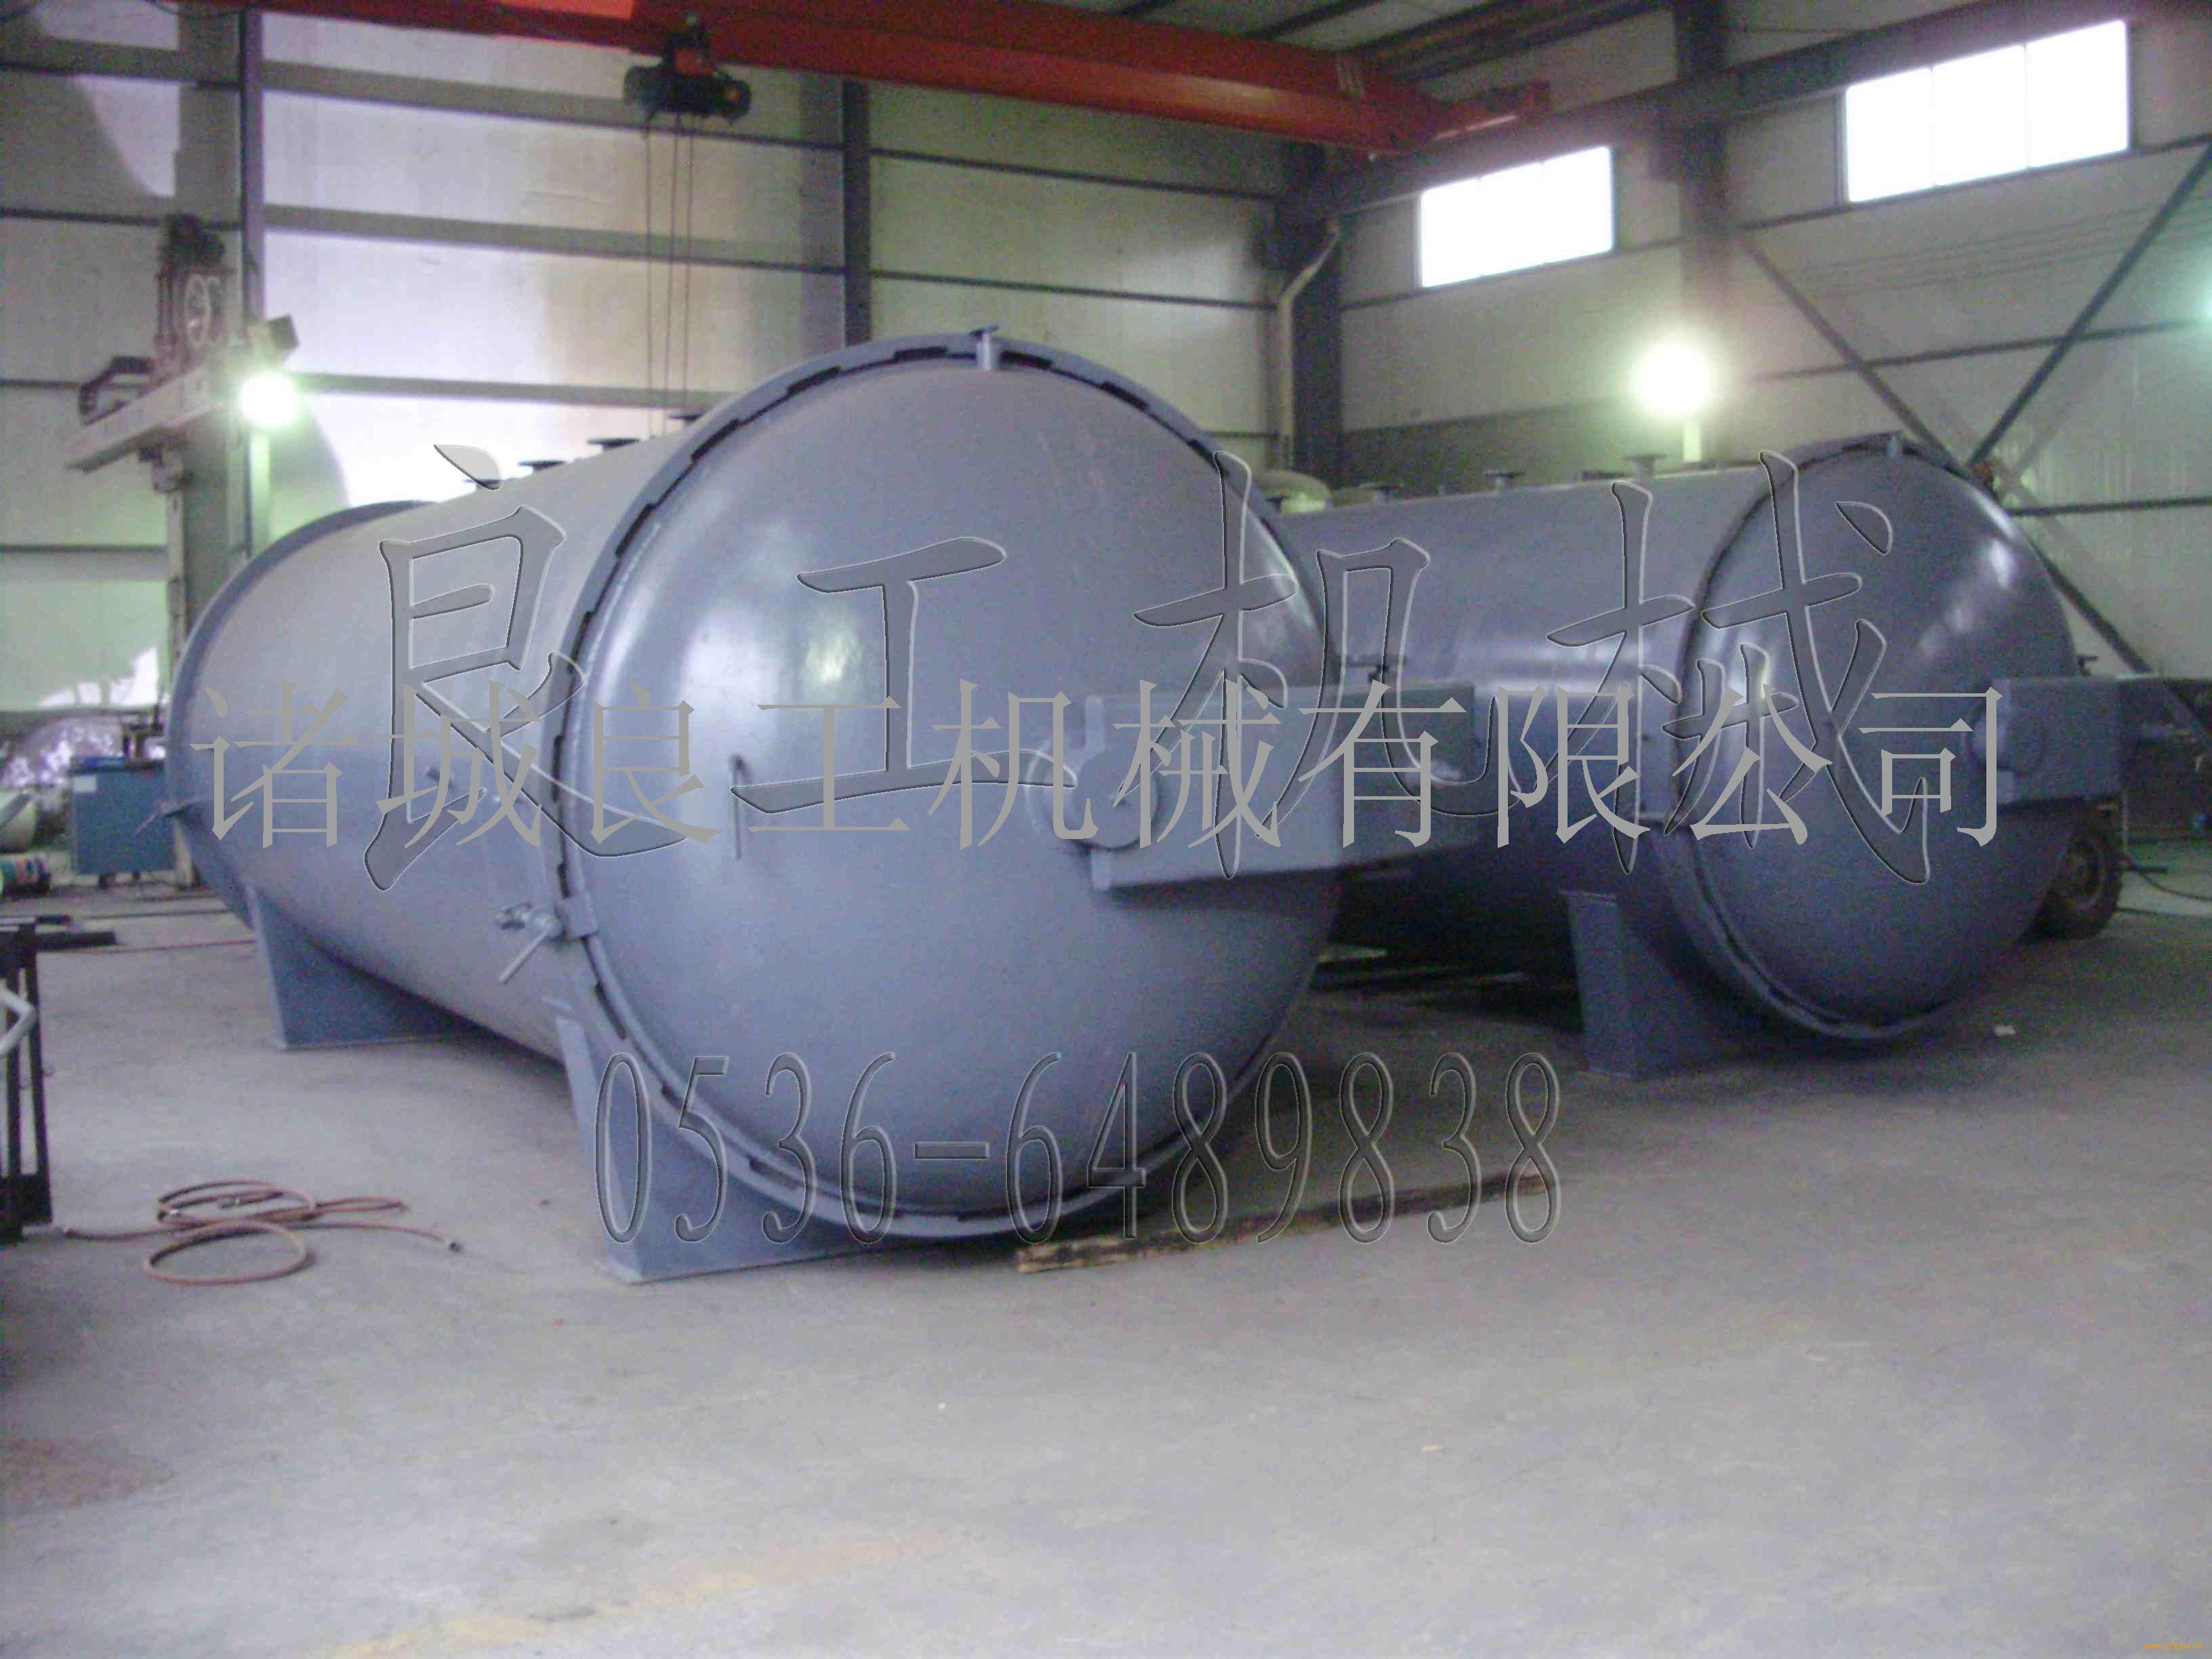 产品区域:上海 价格:49800元/台 发布时间:2012-05-31 有效期限:长期有效 产品说明:本系列电阻炉系周期作业式,供实验室、工矿企业、科研单位对小型钢件热处理,金属、陶瓷材料烧结、熔解、分析及高温加热用。主要特征:箱体由优质钢板折制焊接而成,表面采用静电喷涂工艺,炉膛由高温耐火材料烧结而成,炉膛与外壳之间用保温材料填砌,以硅碳棒或硅钼棒为加热元件,与控制器配套使用可对温度进行测量、显示、控制,使炉内温度保持恒定。技术参数:名称型号最高温度()炉膛尺寸W*P*H(mm)容积(L)电源输入功率(